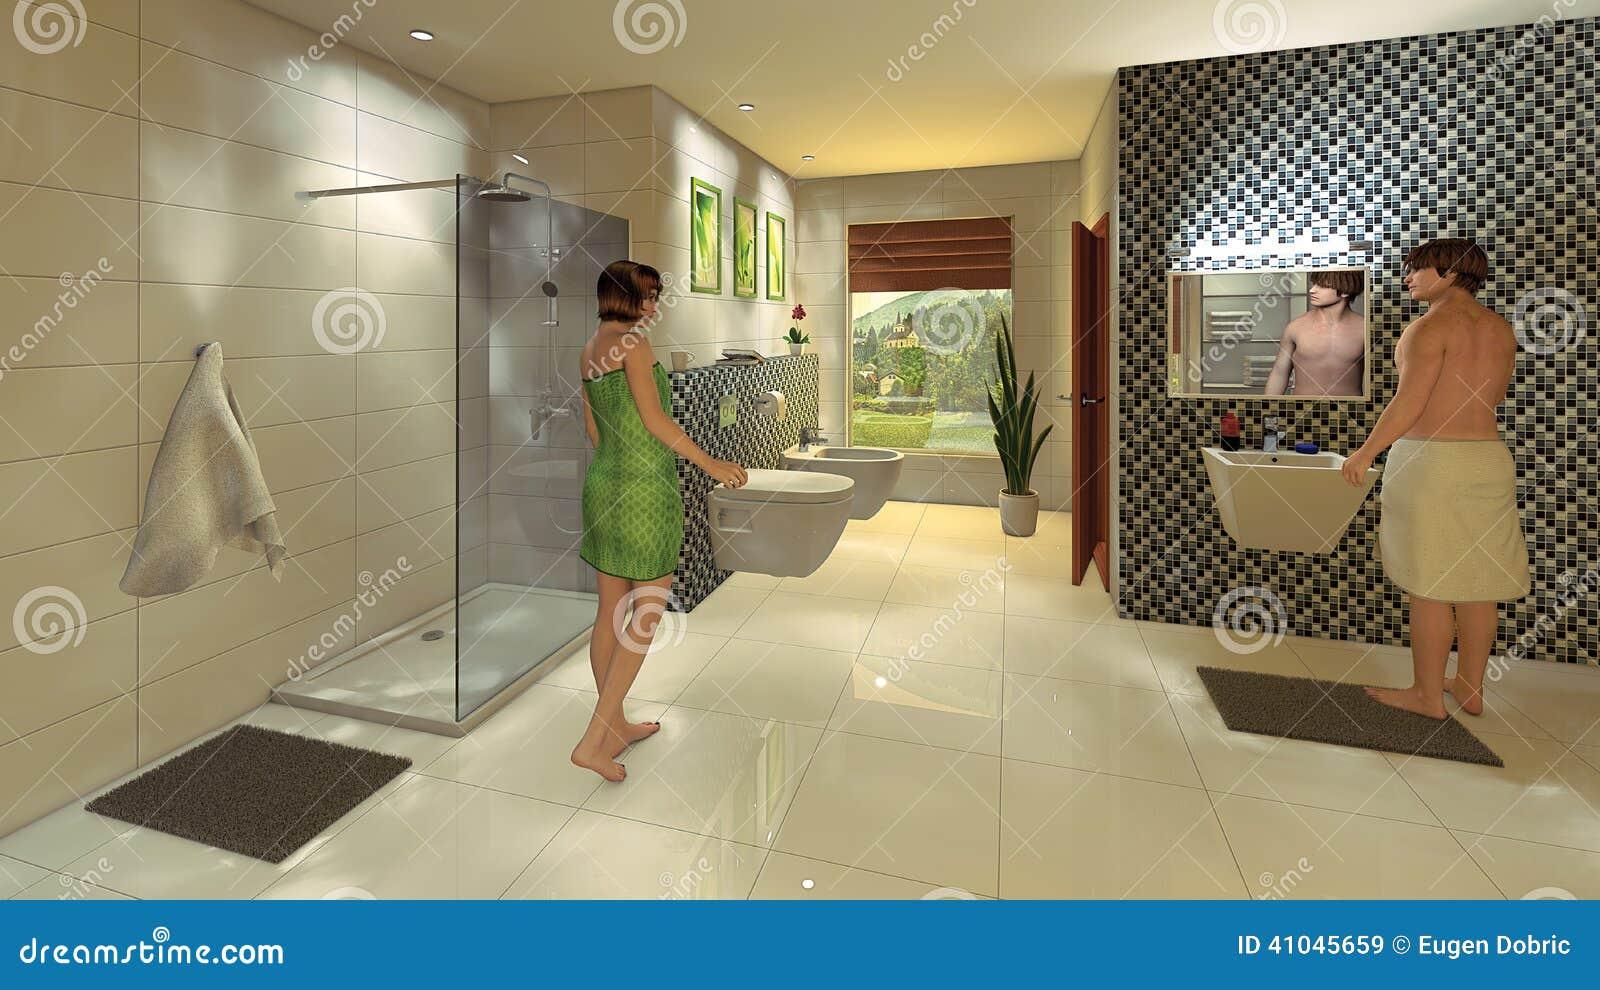 Bagno Moderno Con La Parete Del Mosaico Illustrazione di Stock ...